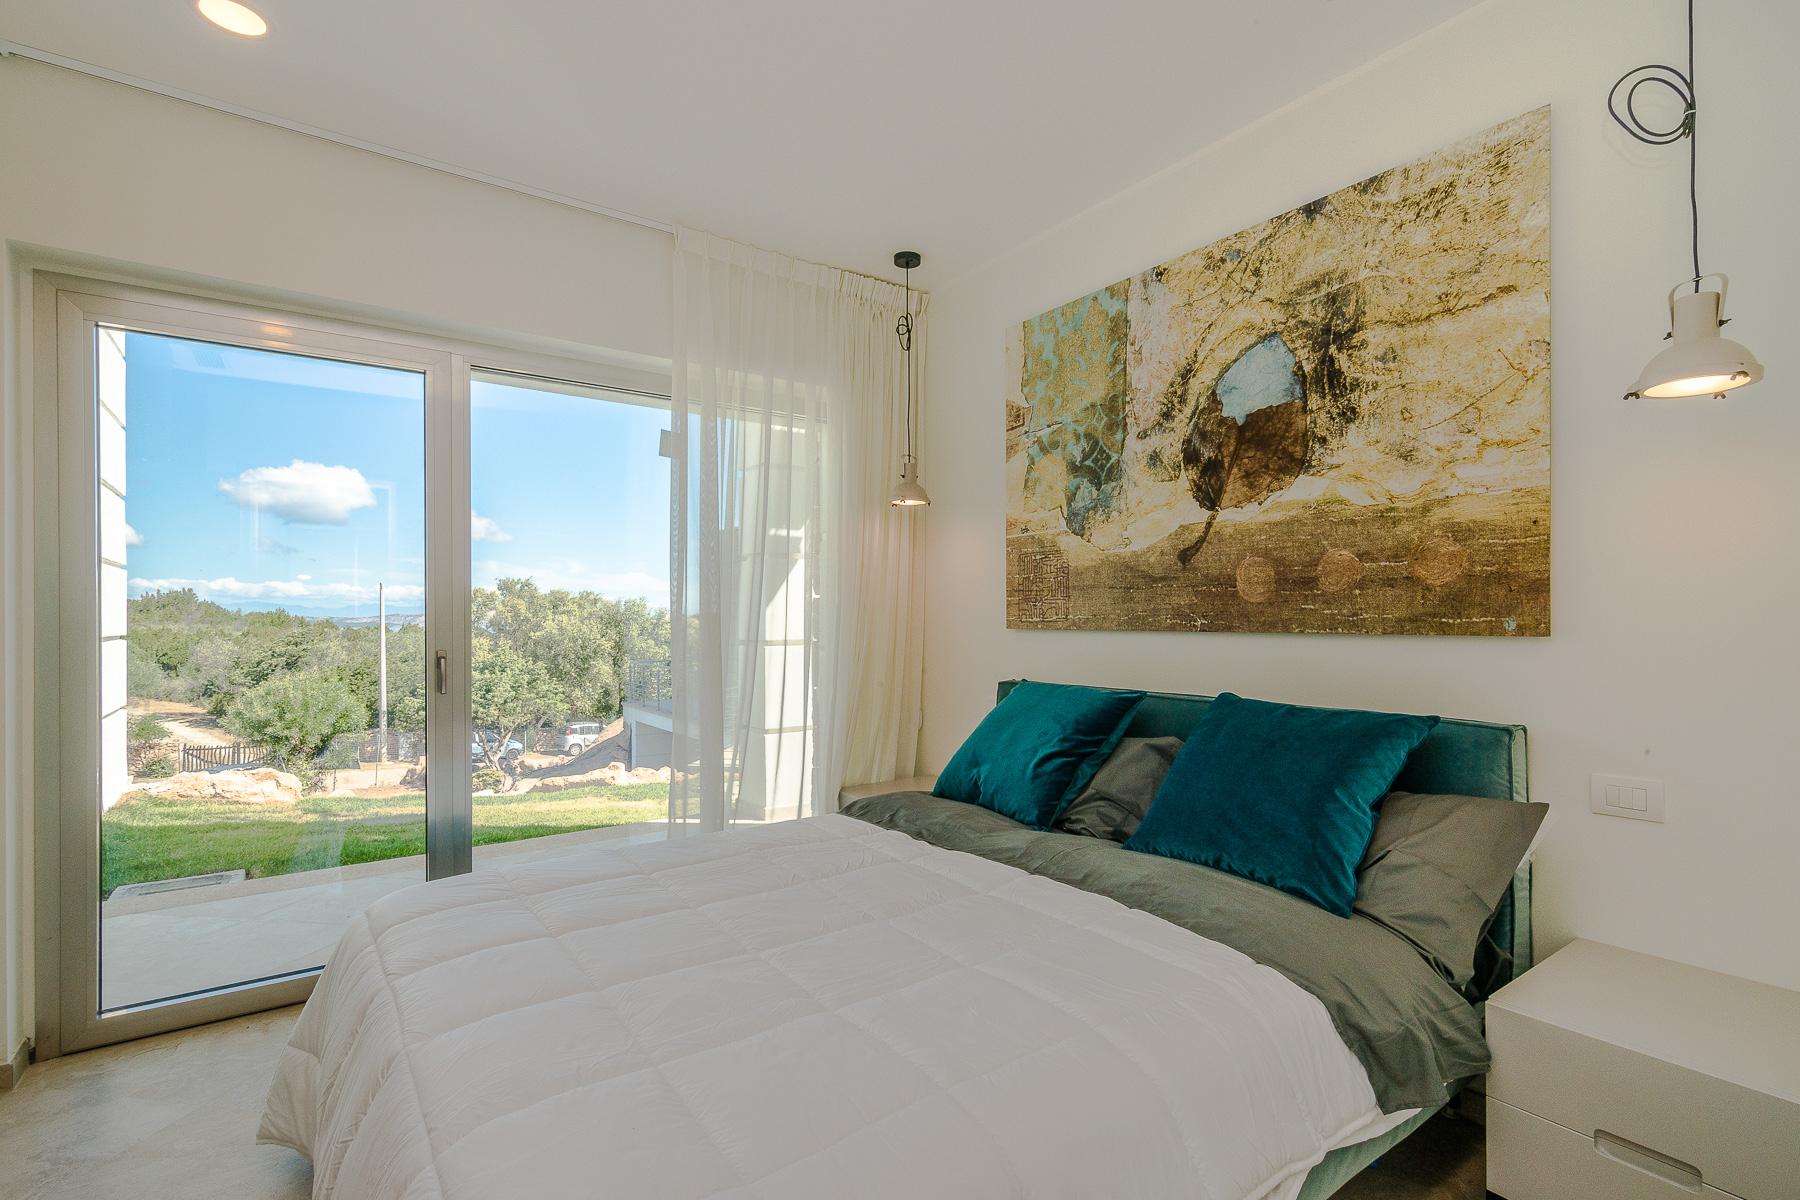 Villa in Vendita a Arzachena: 5 locali, 316 mq - Foto 5